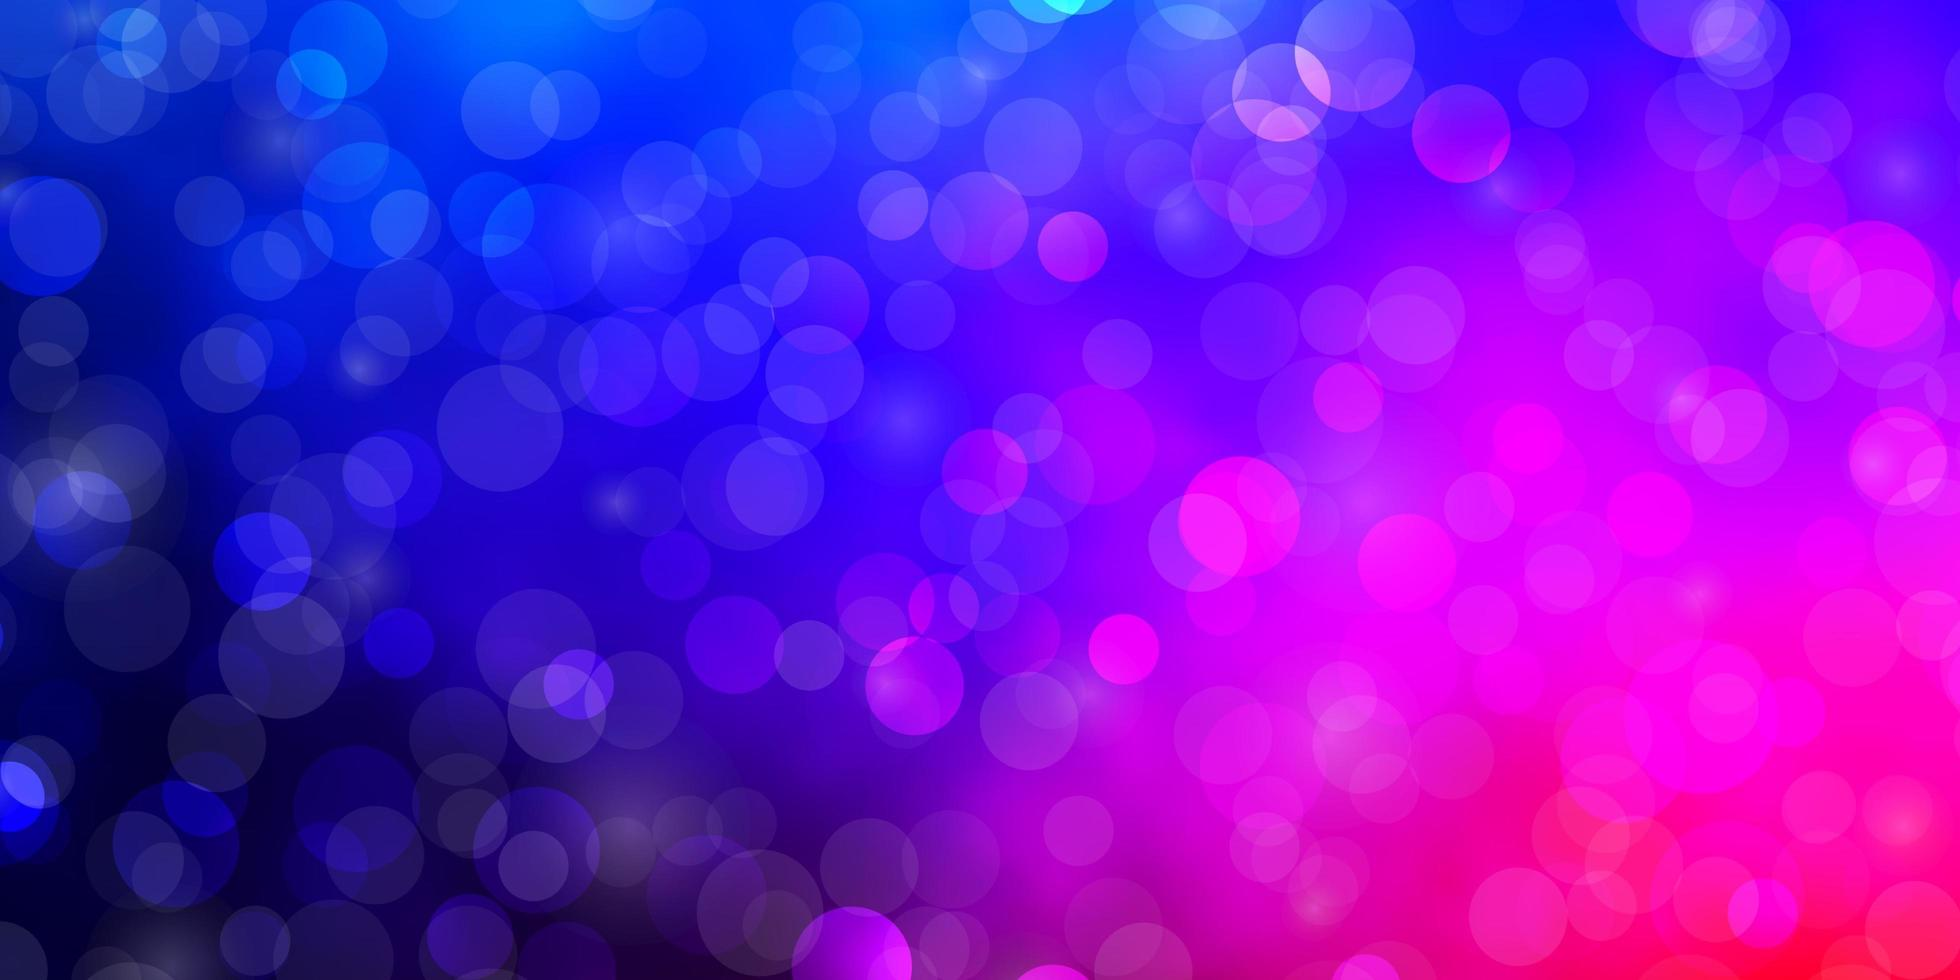 dunkelblauer, roter Vektorhintergrund mit Kreisen. vektor